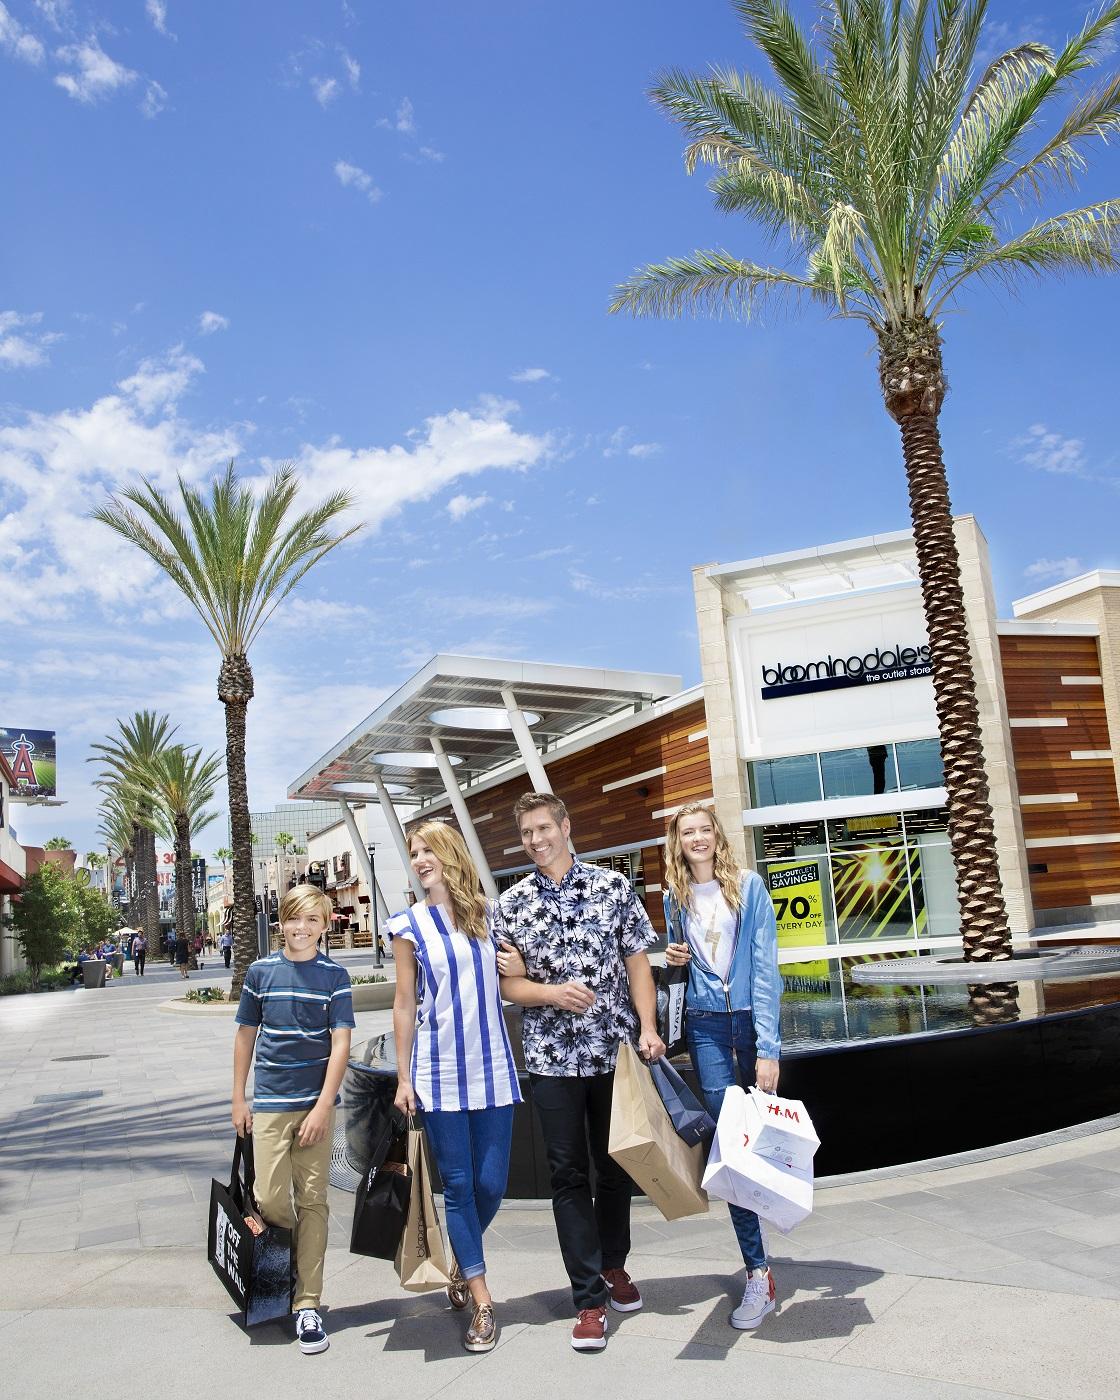 Simon Shopping Destinations expande programa 'Happy Returns' de devolução e reembolso de compras